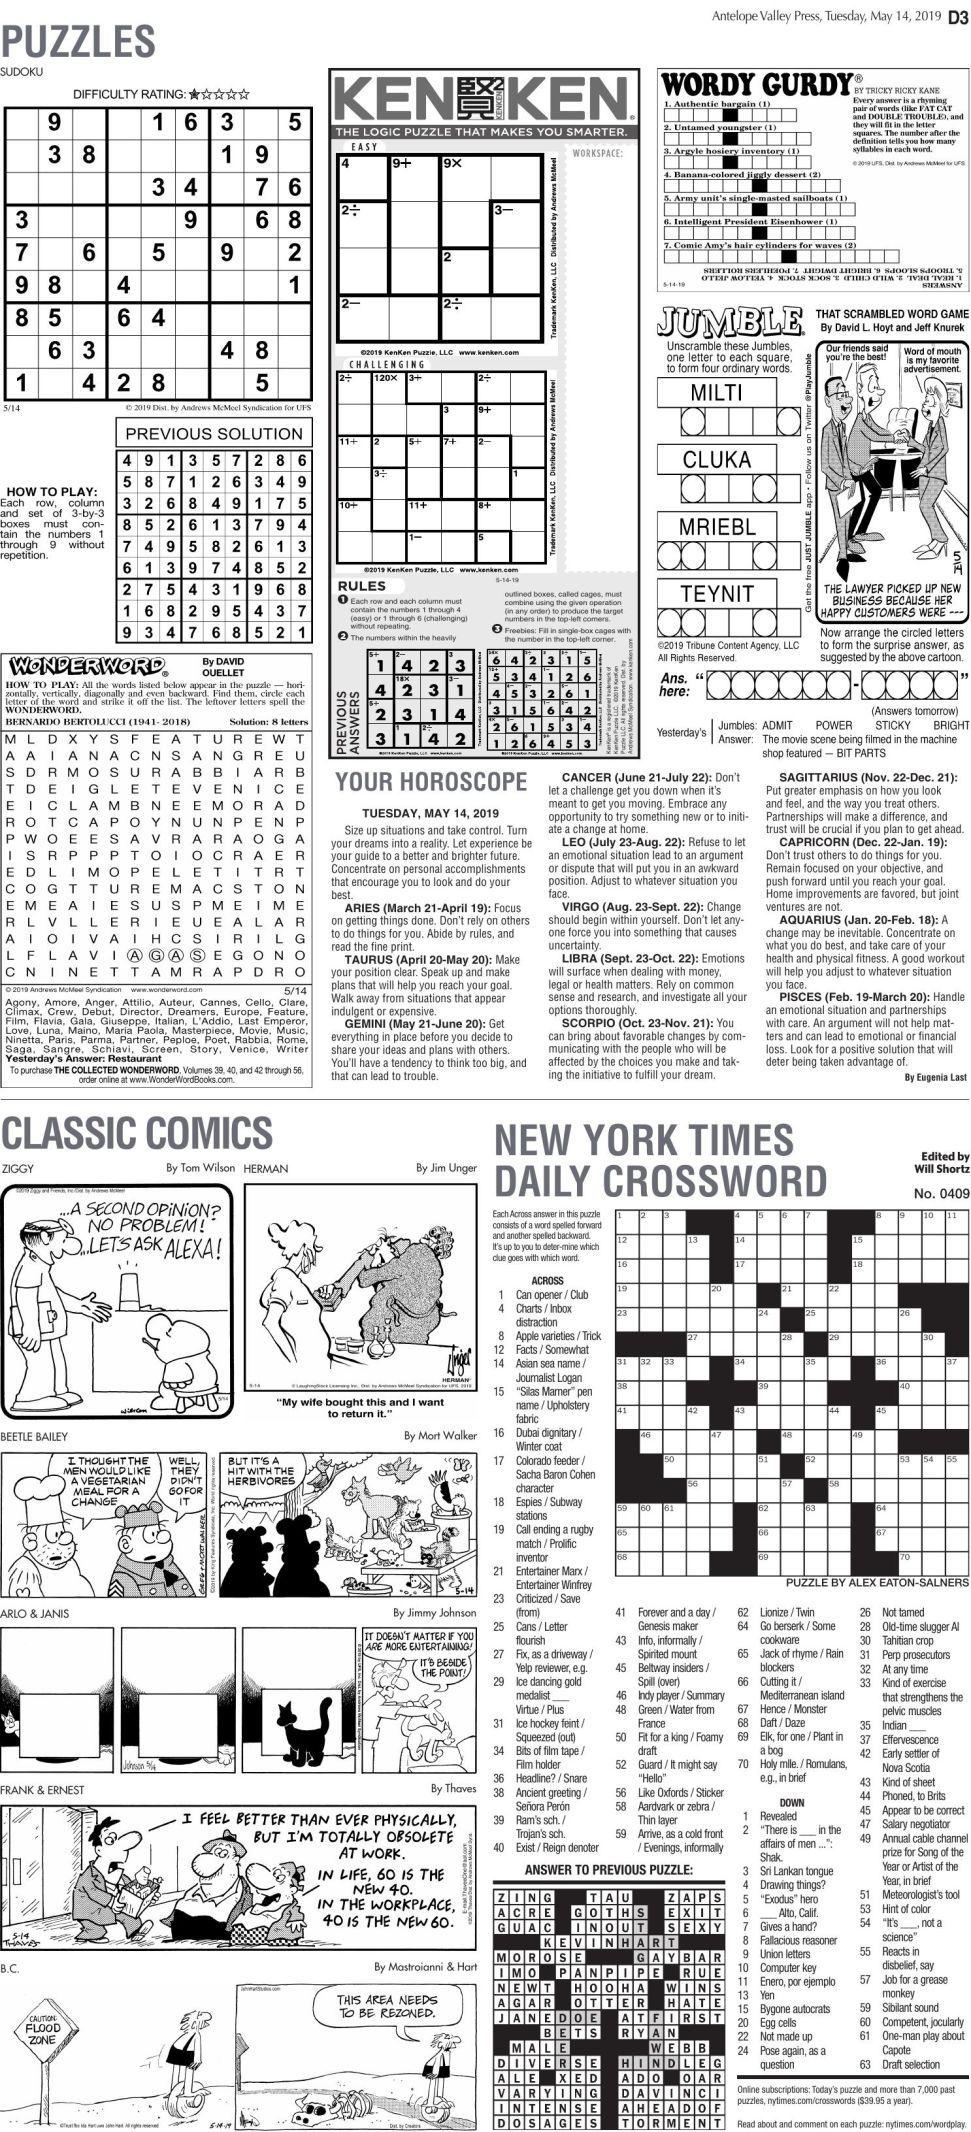 May 14, 2019 Puzzles